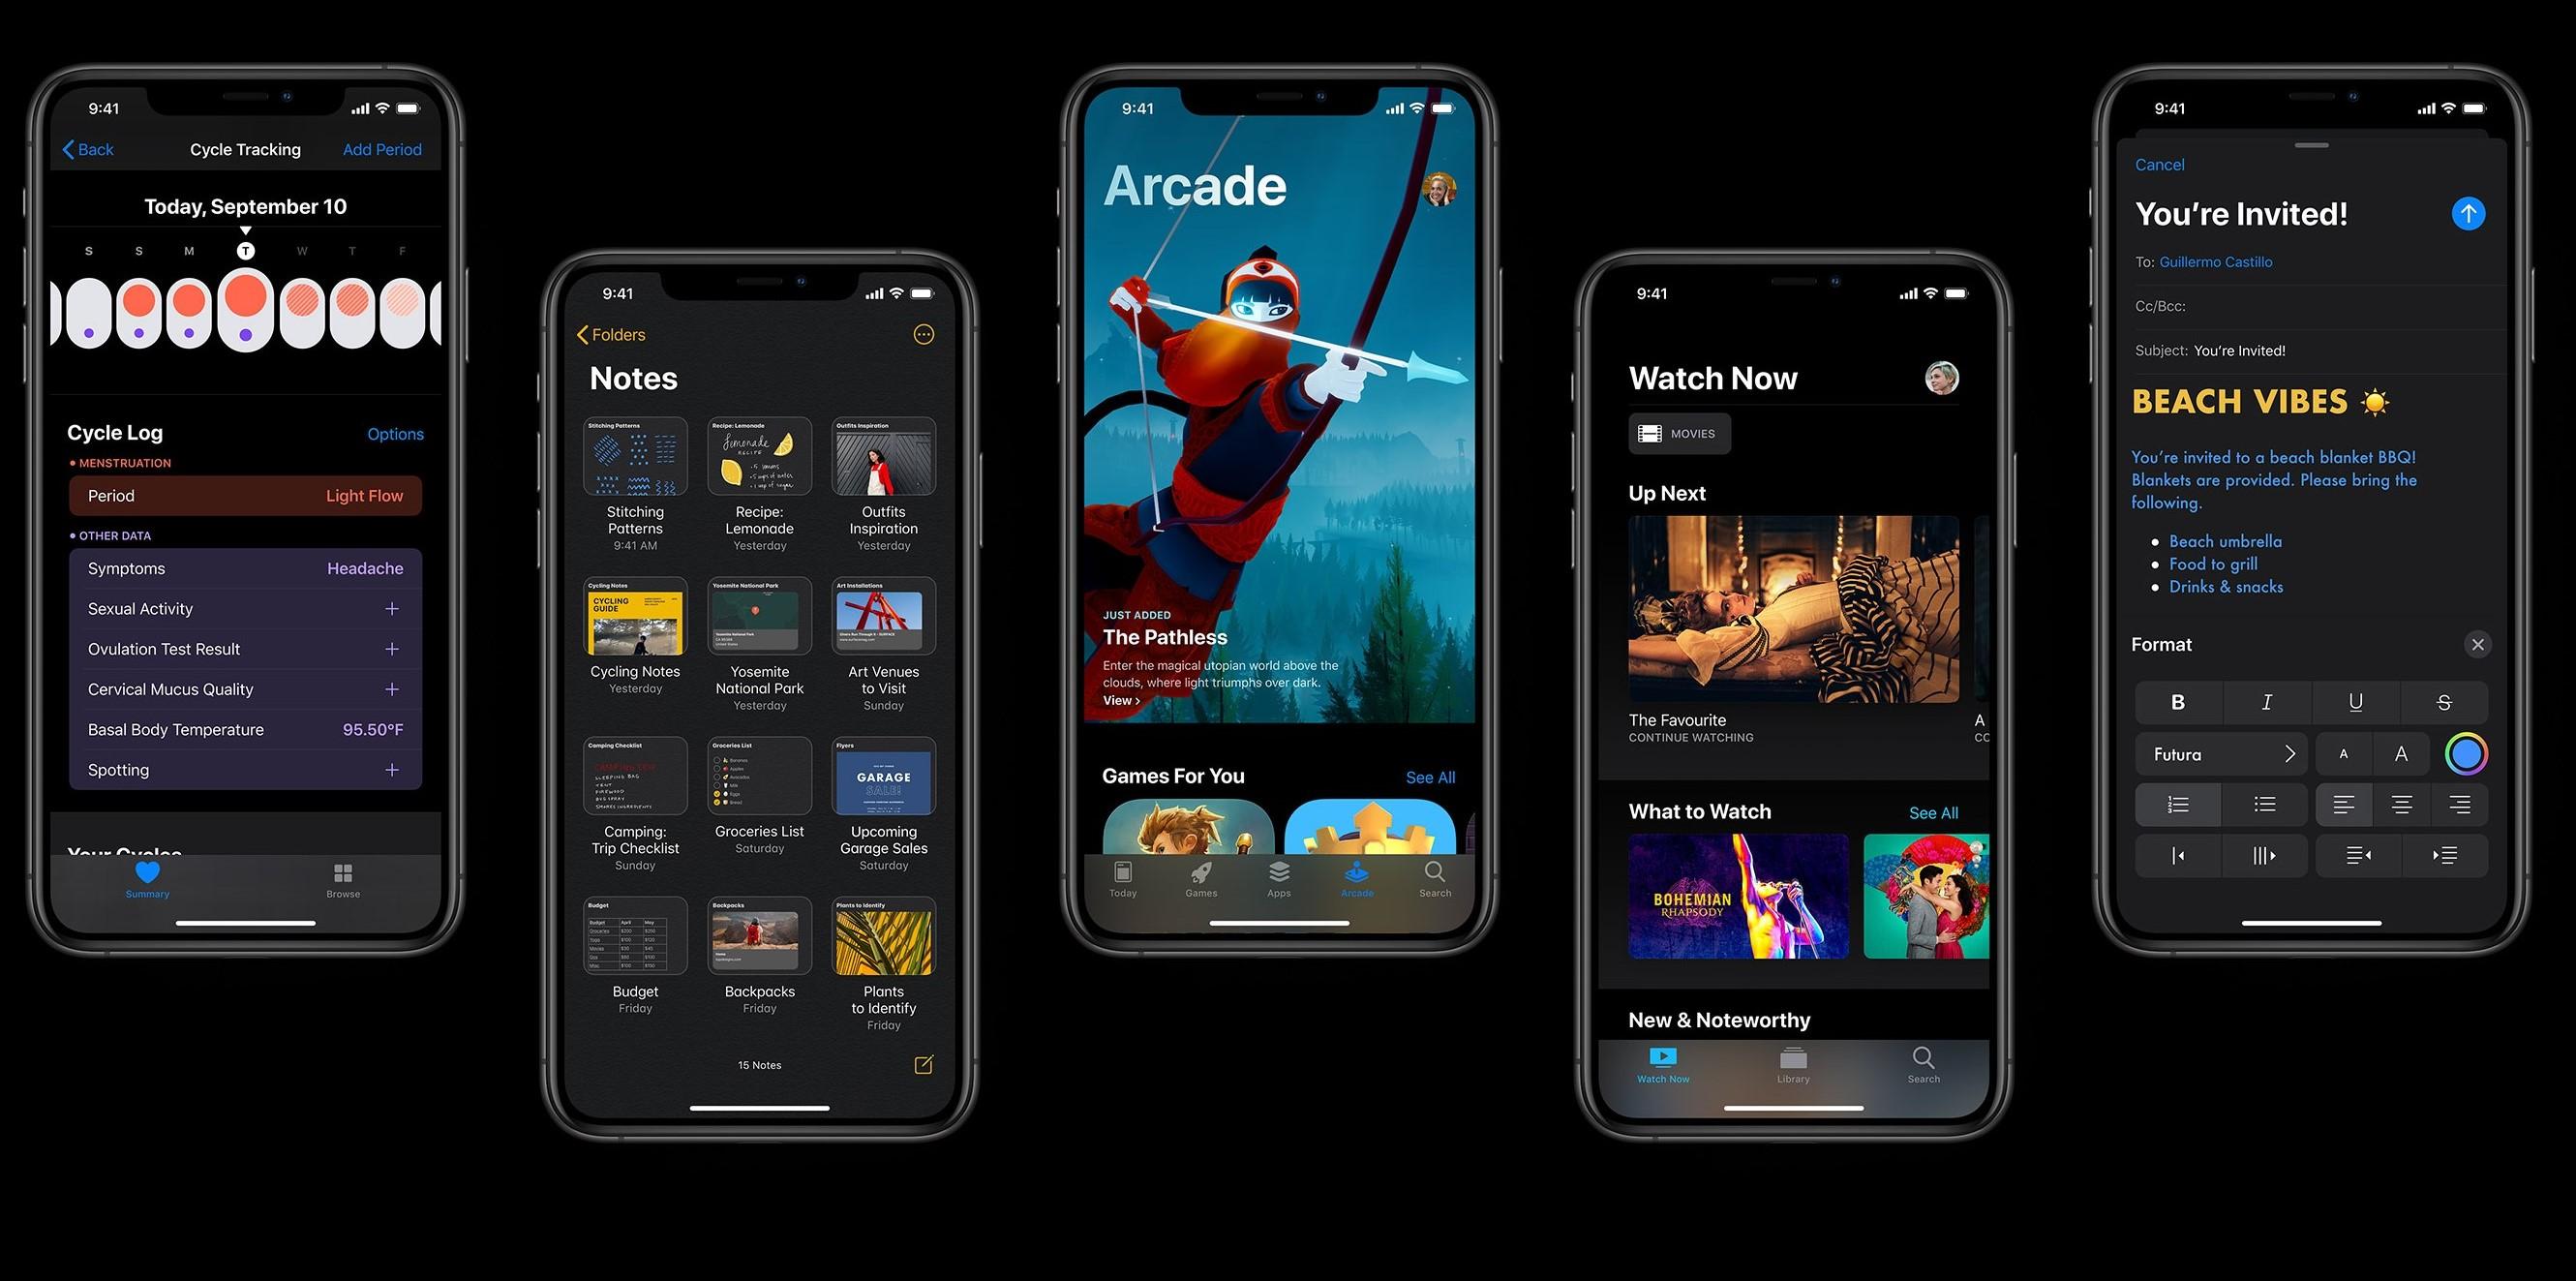 Szybko poszło. Po trzech dniach od poprzedniej aktualizacji, Apple wydaje iOS 13.1.1 27